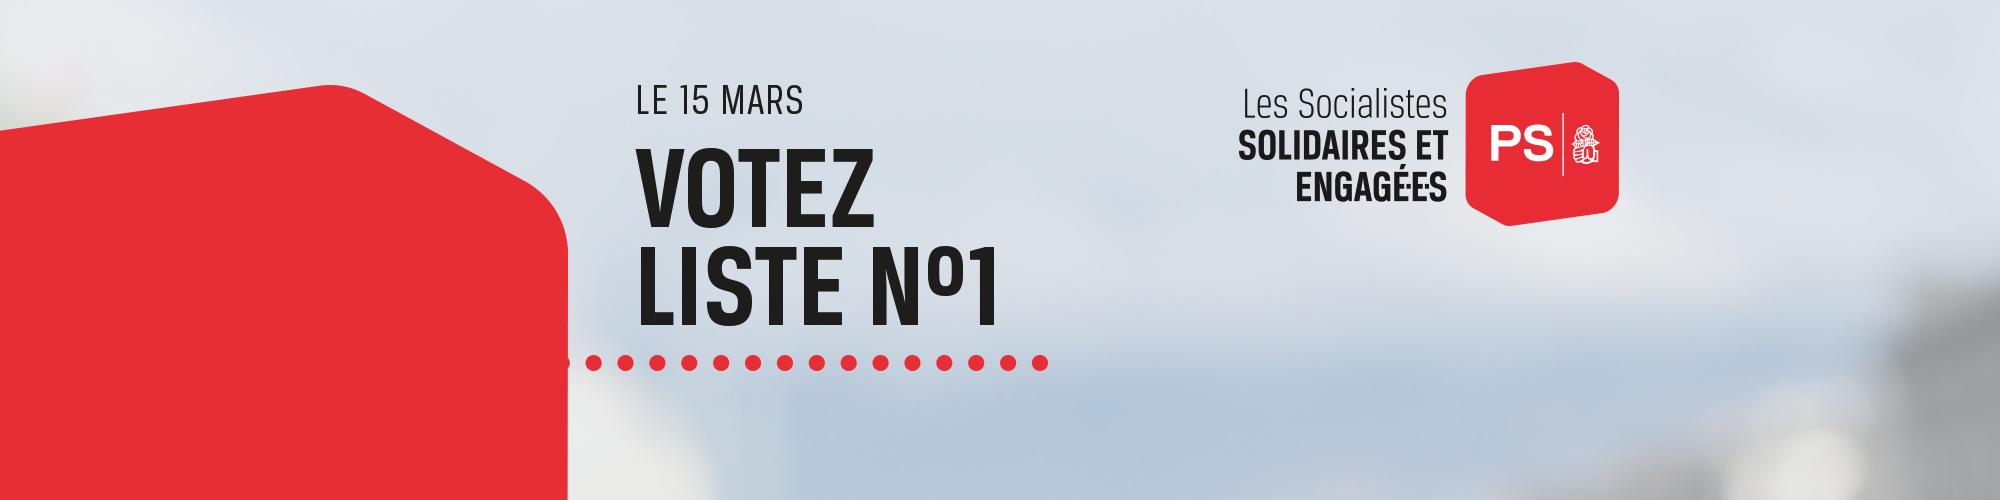 Le 15 mars 2020, votez liste n° 1